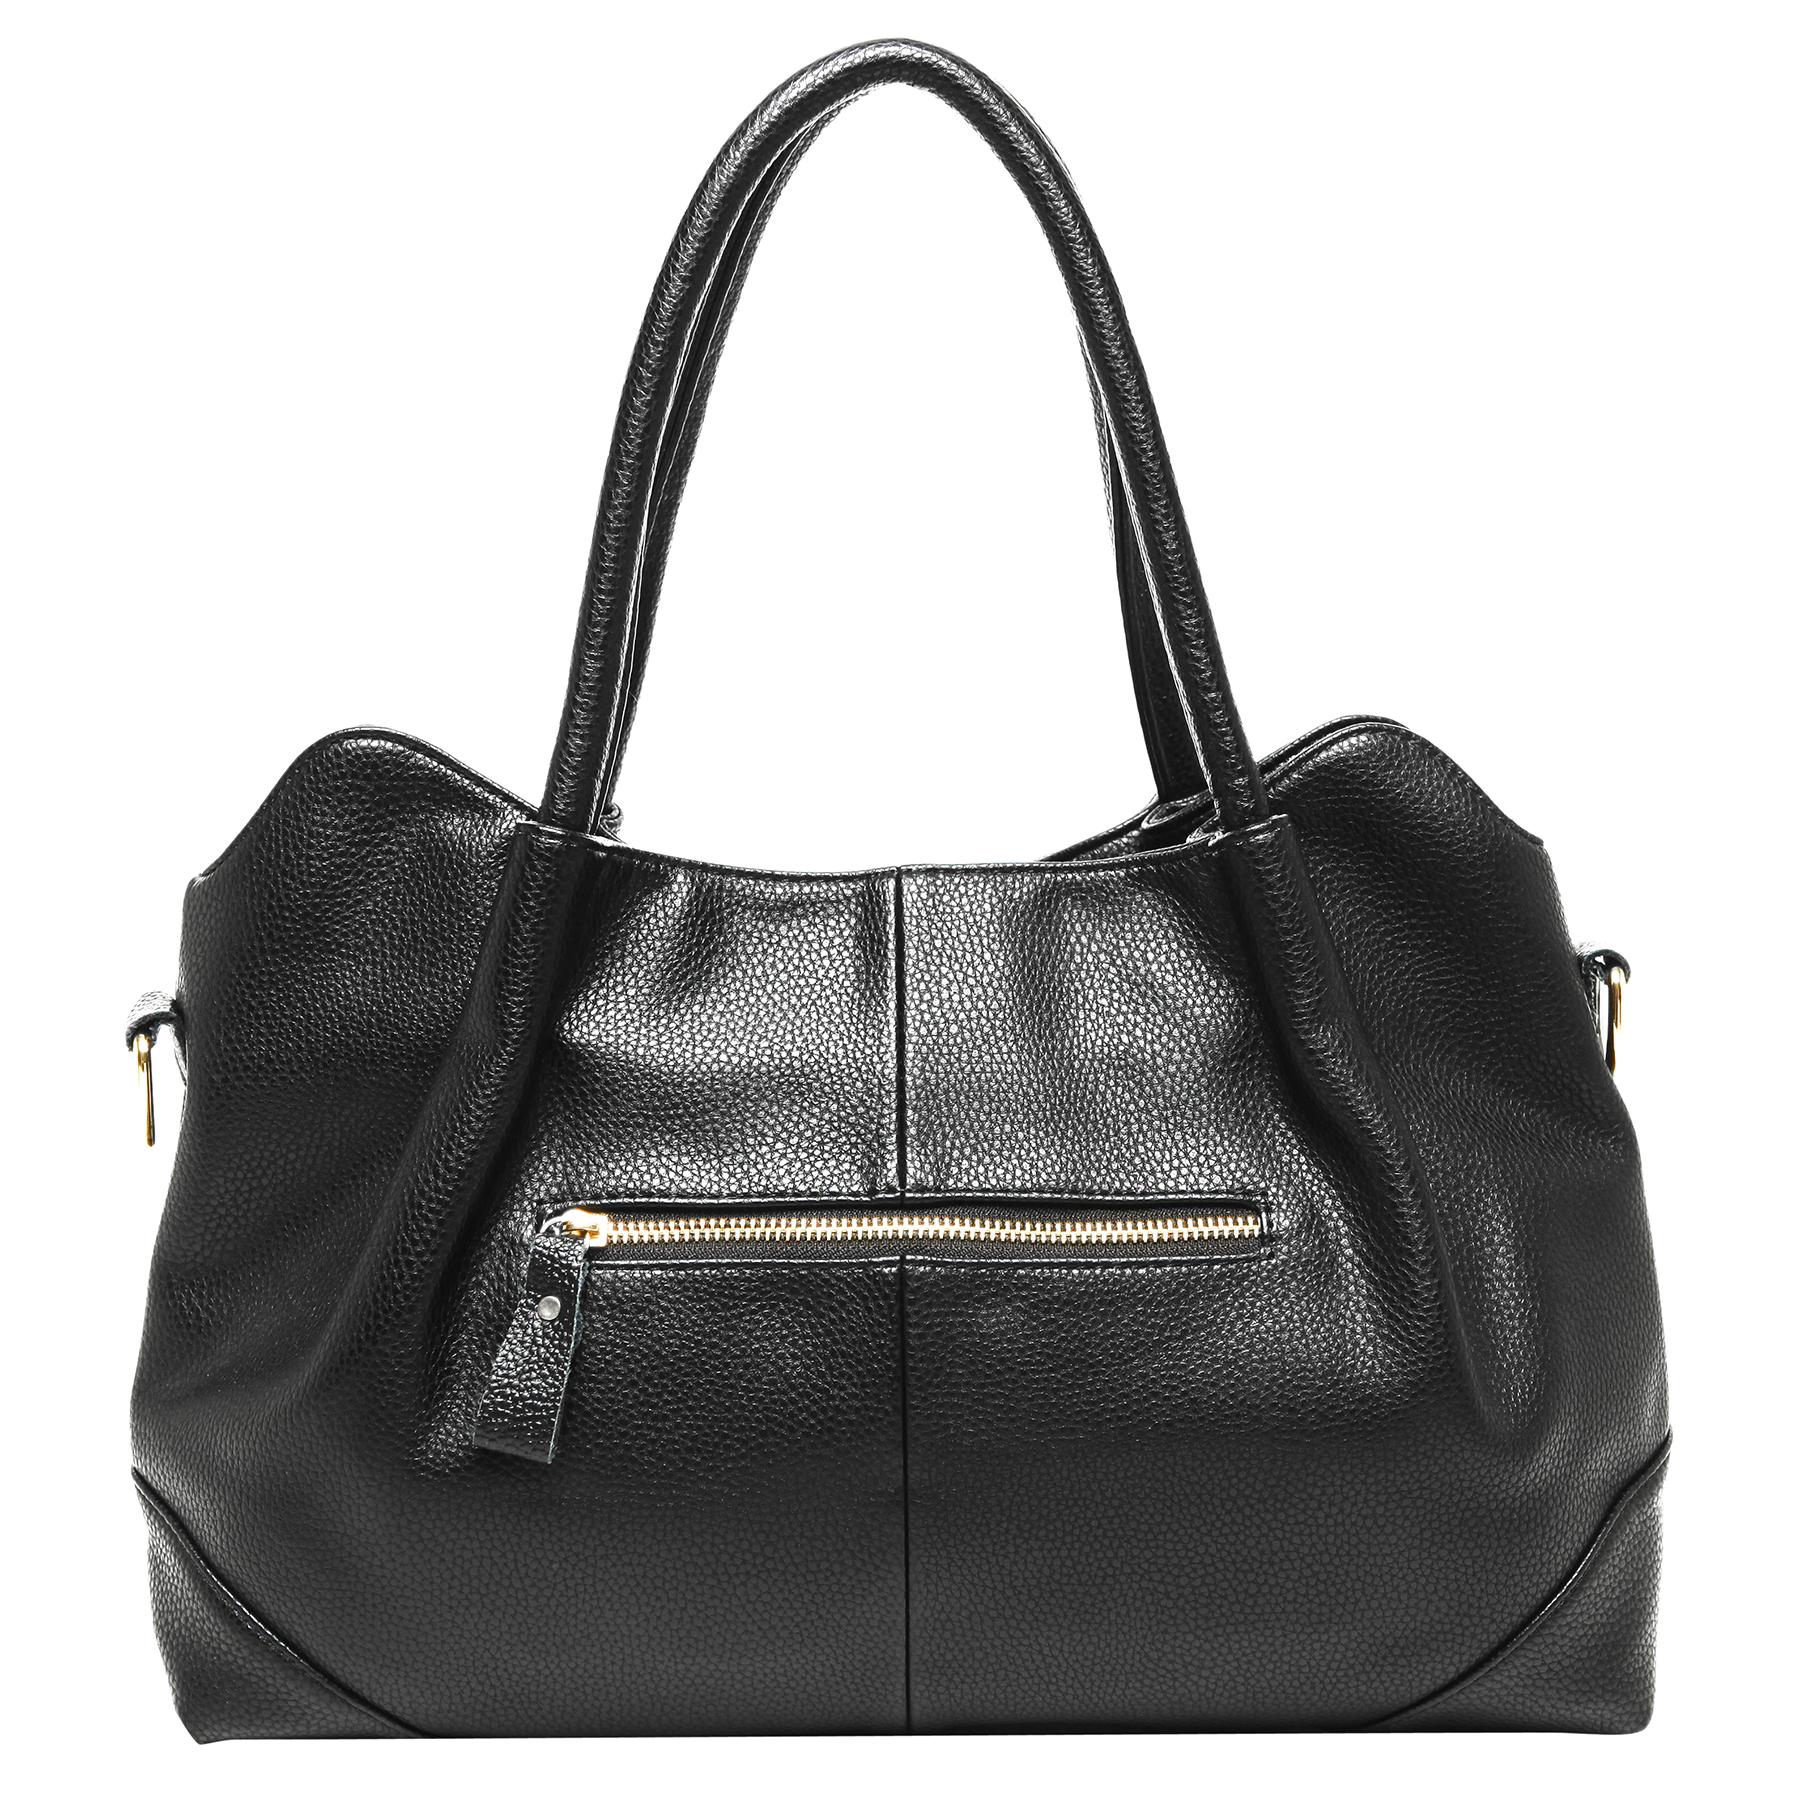 ASSA Black Classic Top Handle Shoulder Bag Handbag back